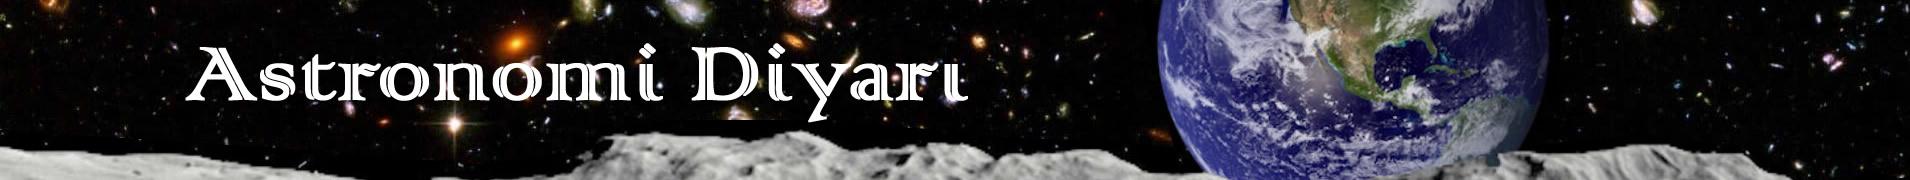 Astronomi Diyarı